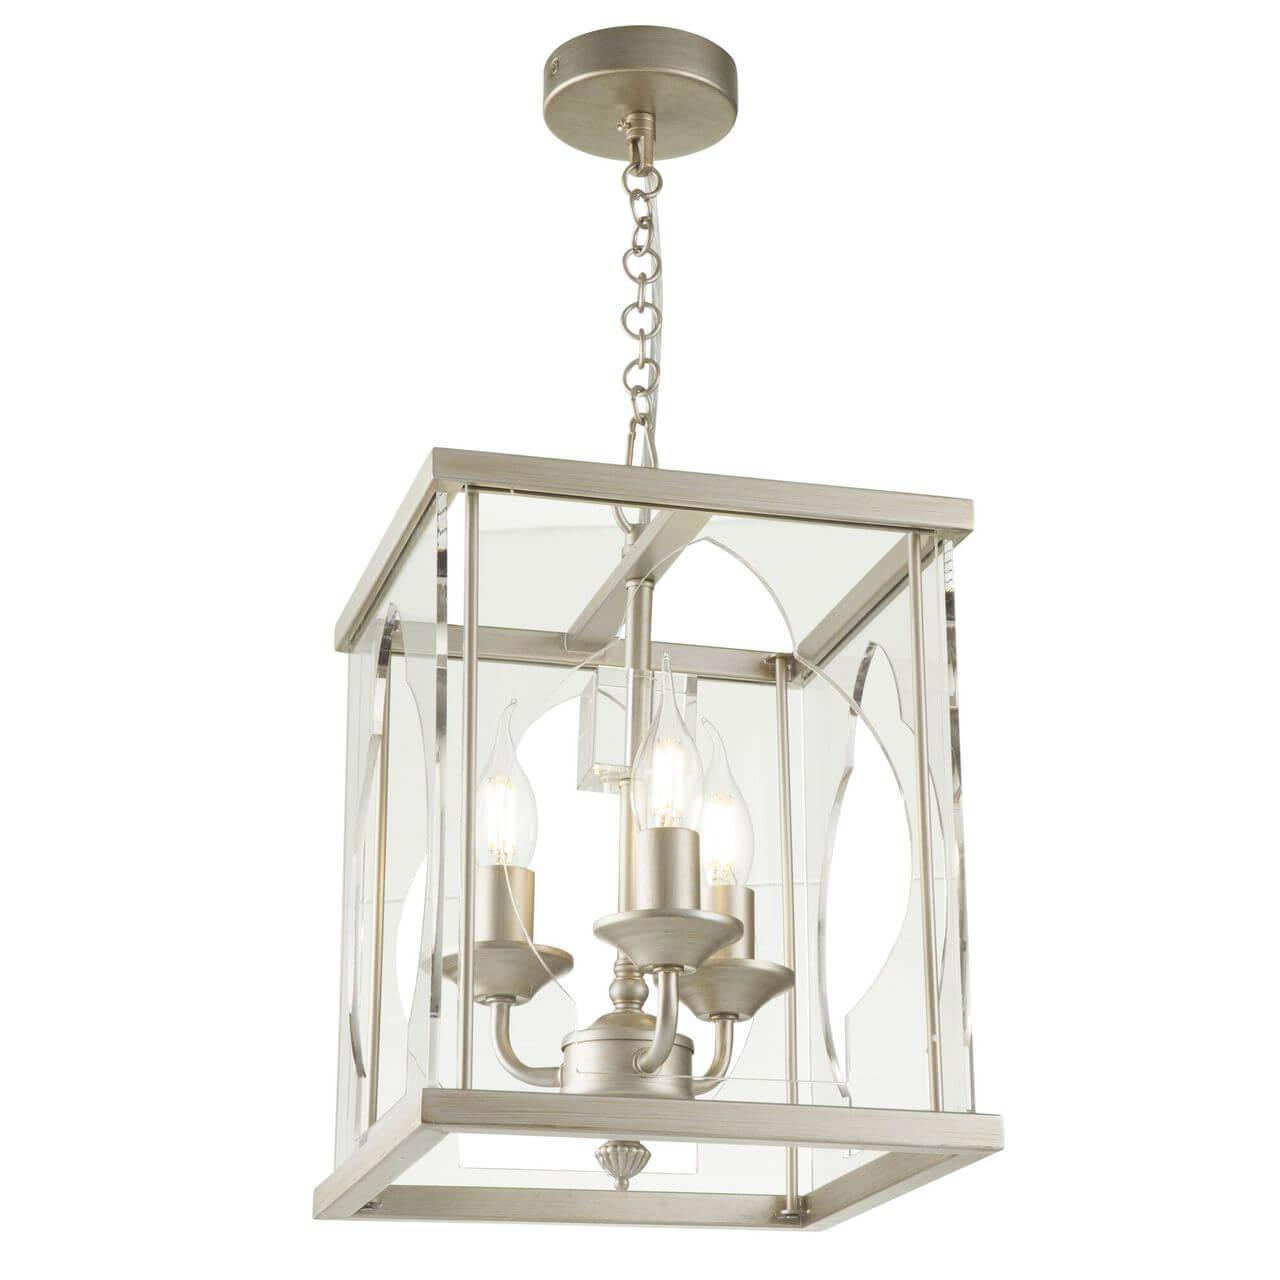 Подвесной светильник Maytoni H008PL-03G, E14, 60 Вт betsy 968061 09 03g